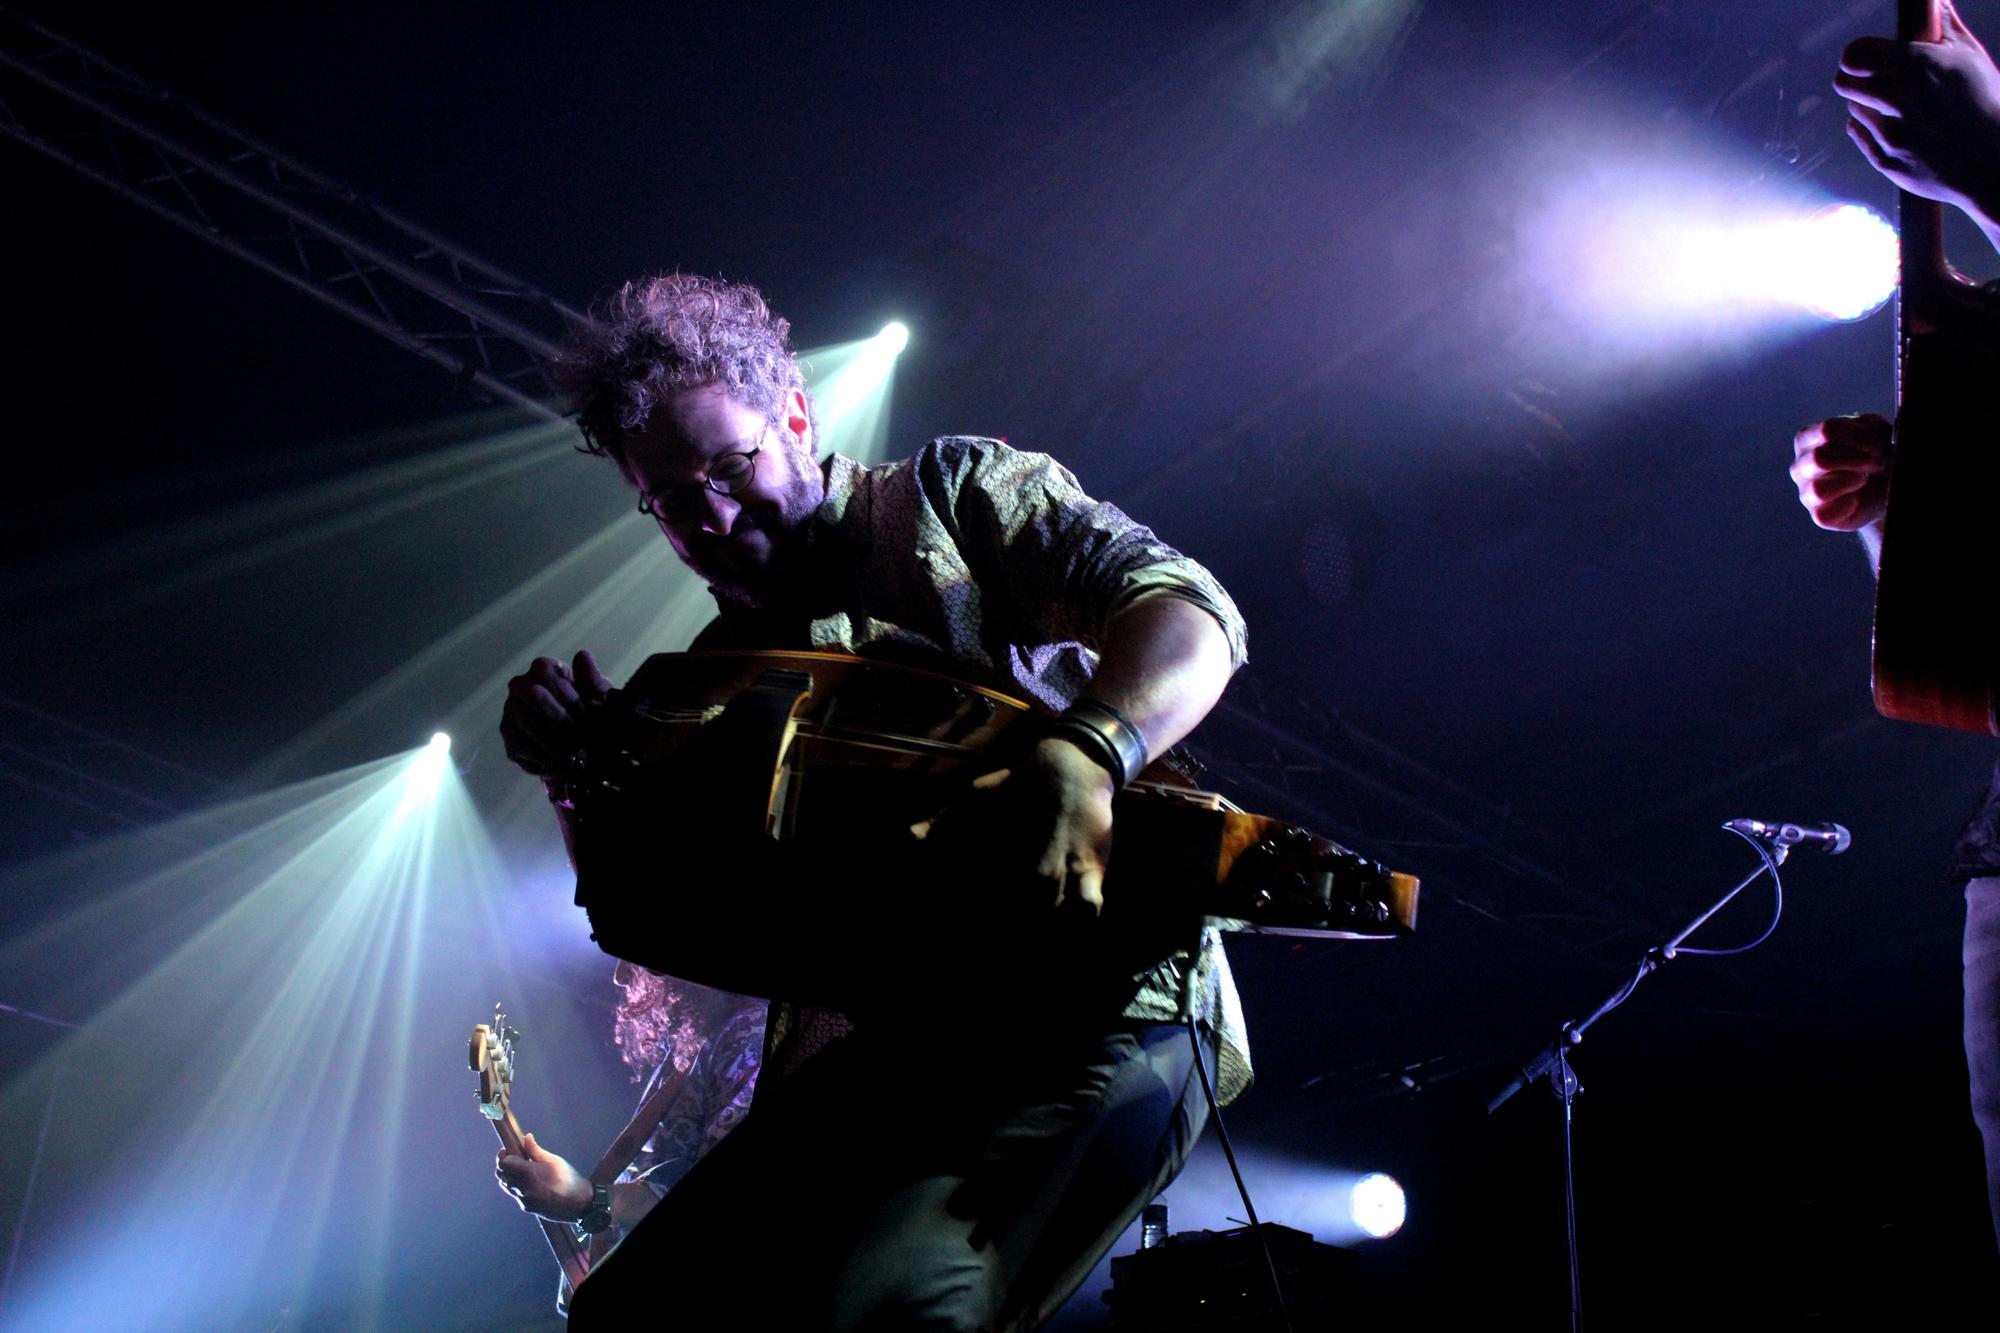 Concert à Marseille dans le cadre de Babel Med Music, le 27 mars 2015. ©AL